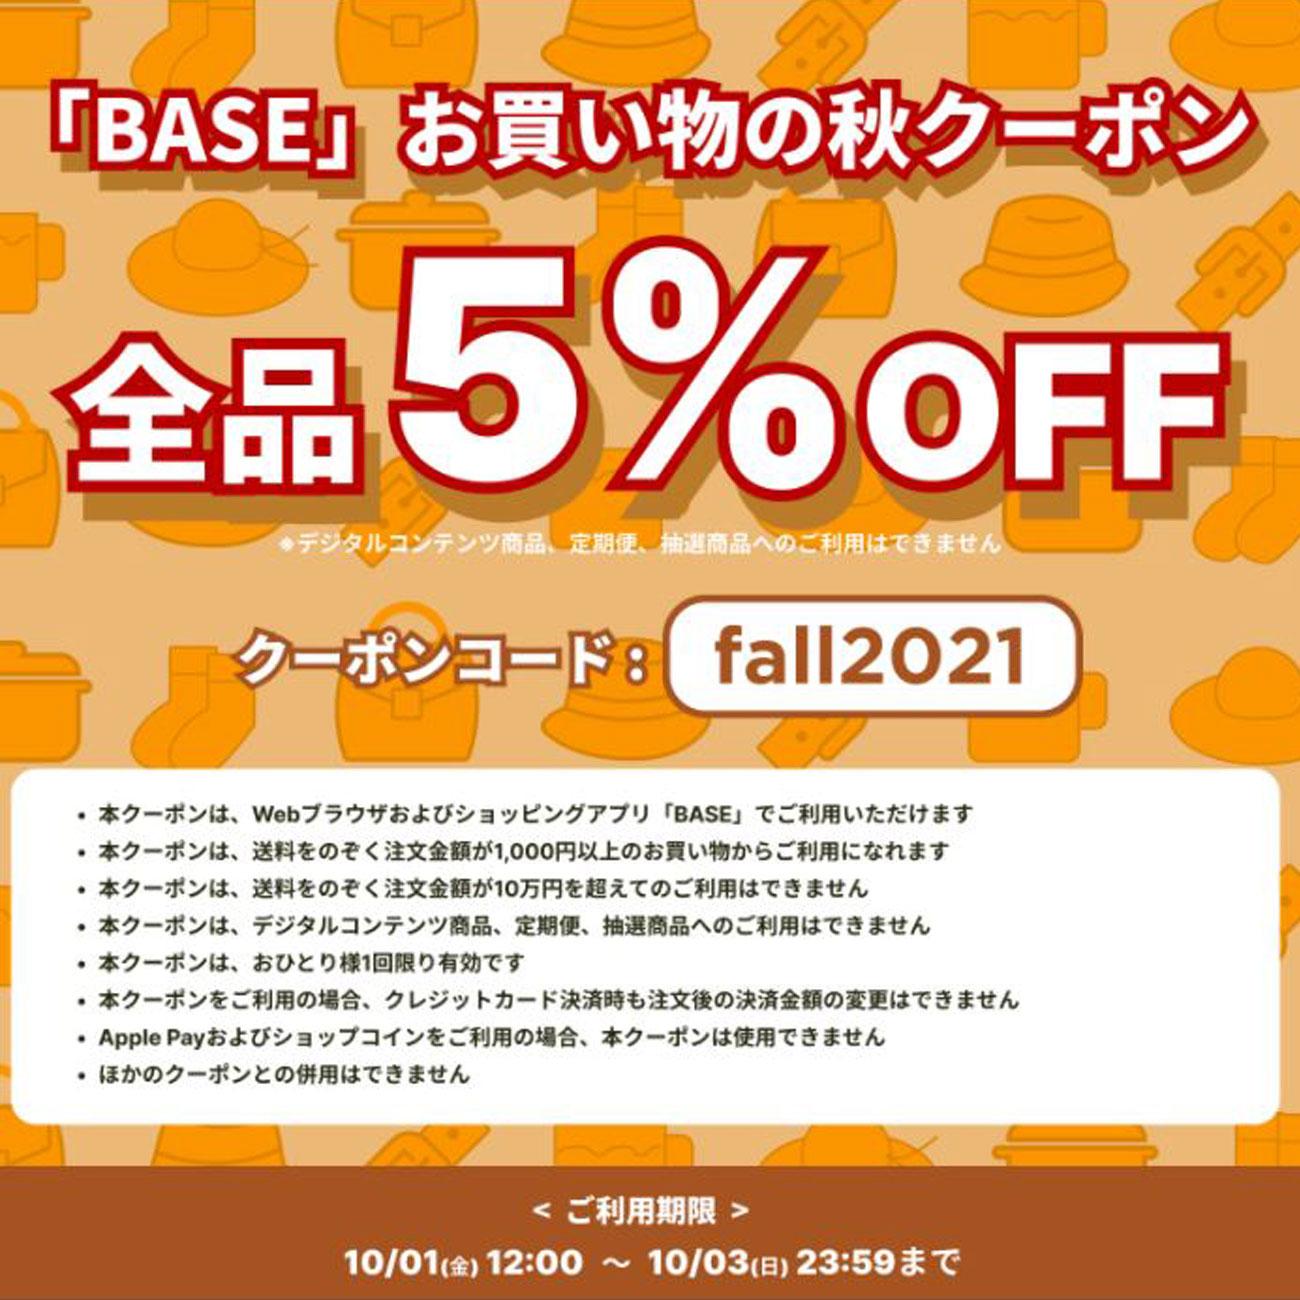 10/1(金)12時スタート!3日間限定!お買い物の秋5%OFFクーポン!